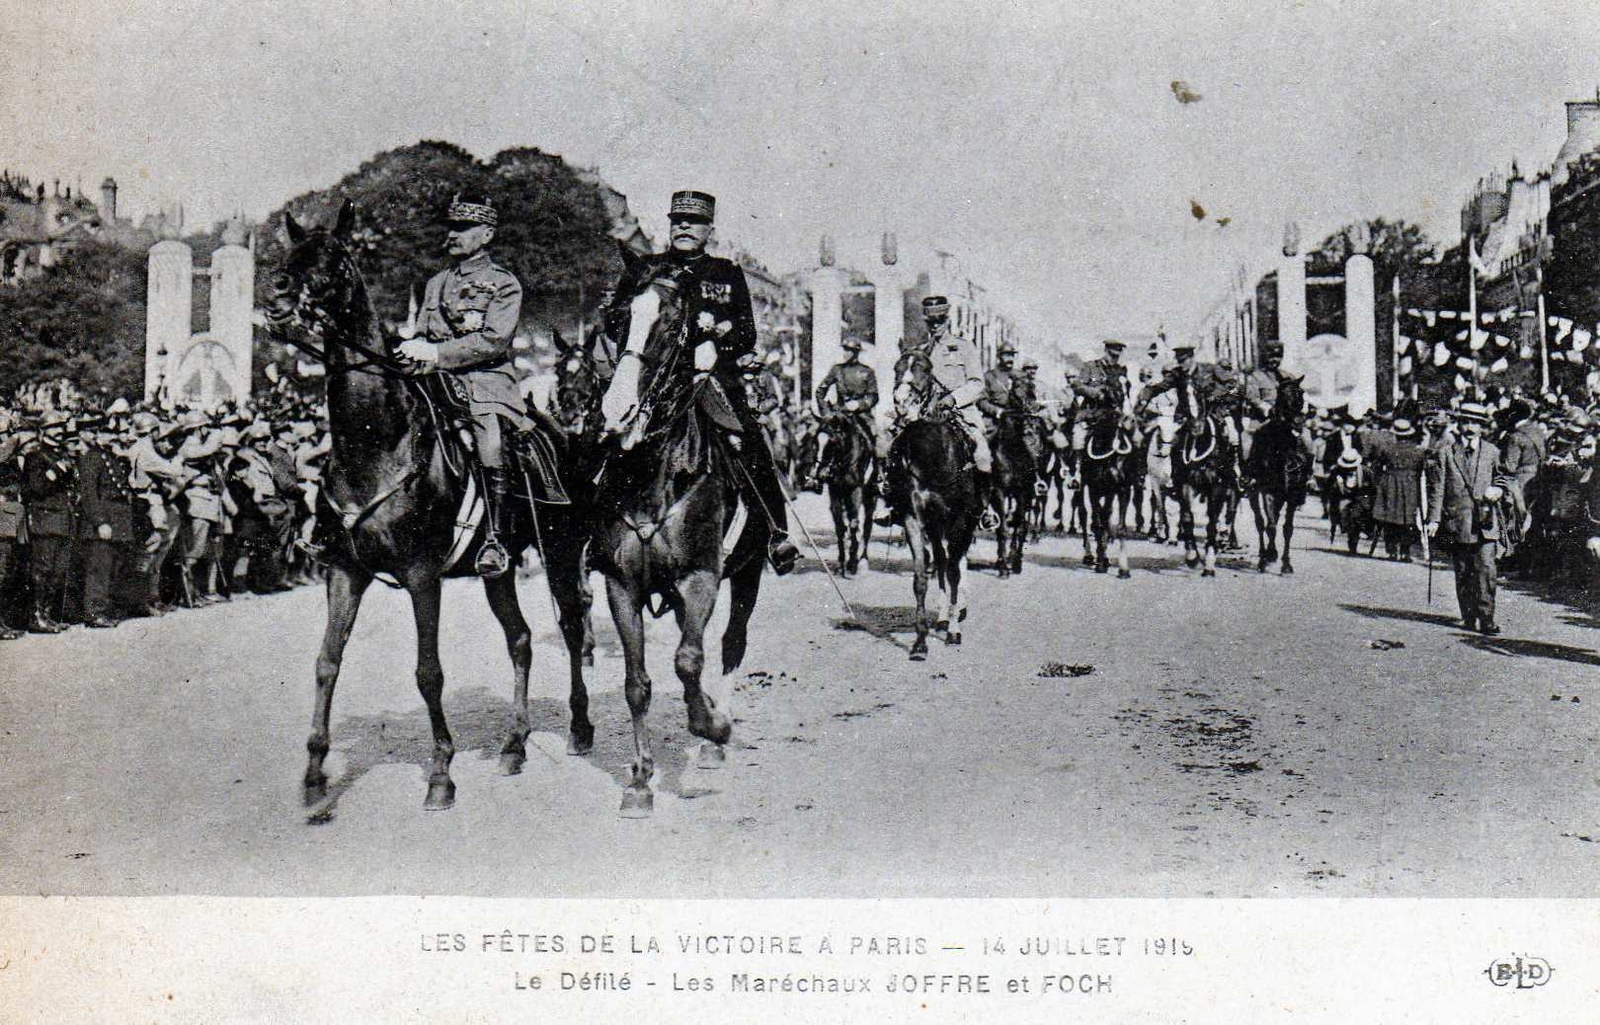 Paris - Fêtes de la Victoire à Paris. Photo des Maréchaux Joffre et Foch lors du défilé militaire du 14 juillet 1919 à Paris - Carte postale ancienne et vue d'Hier et